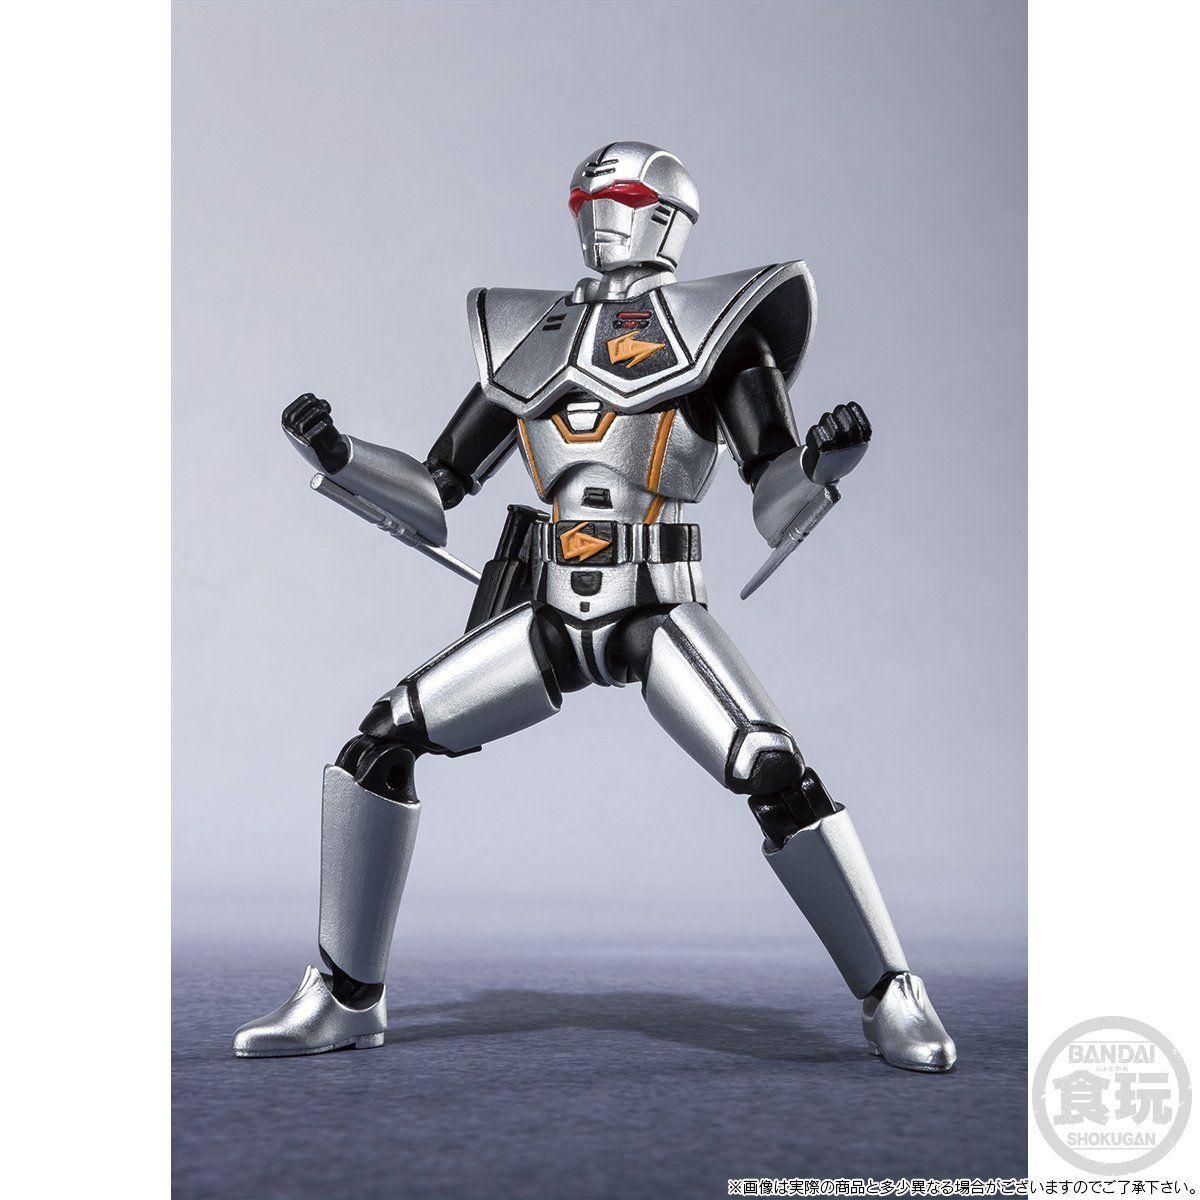 【限定販売】【食玩】SHODO SUPER『バイオハンター・シルバ』超電子バイオマン 可動フィギュア-008